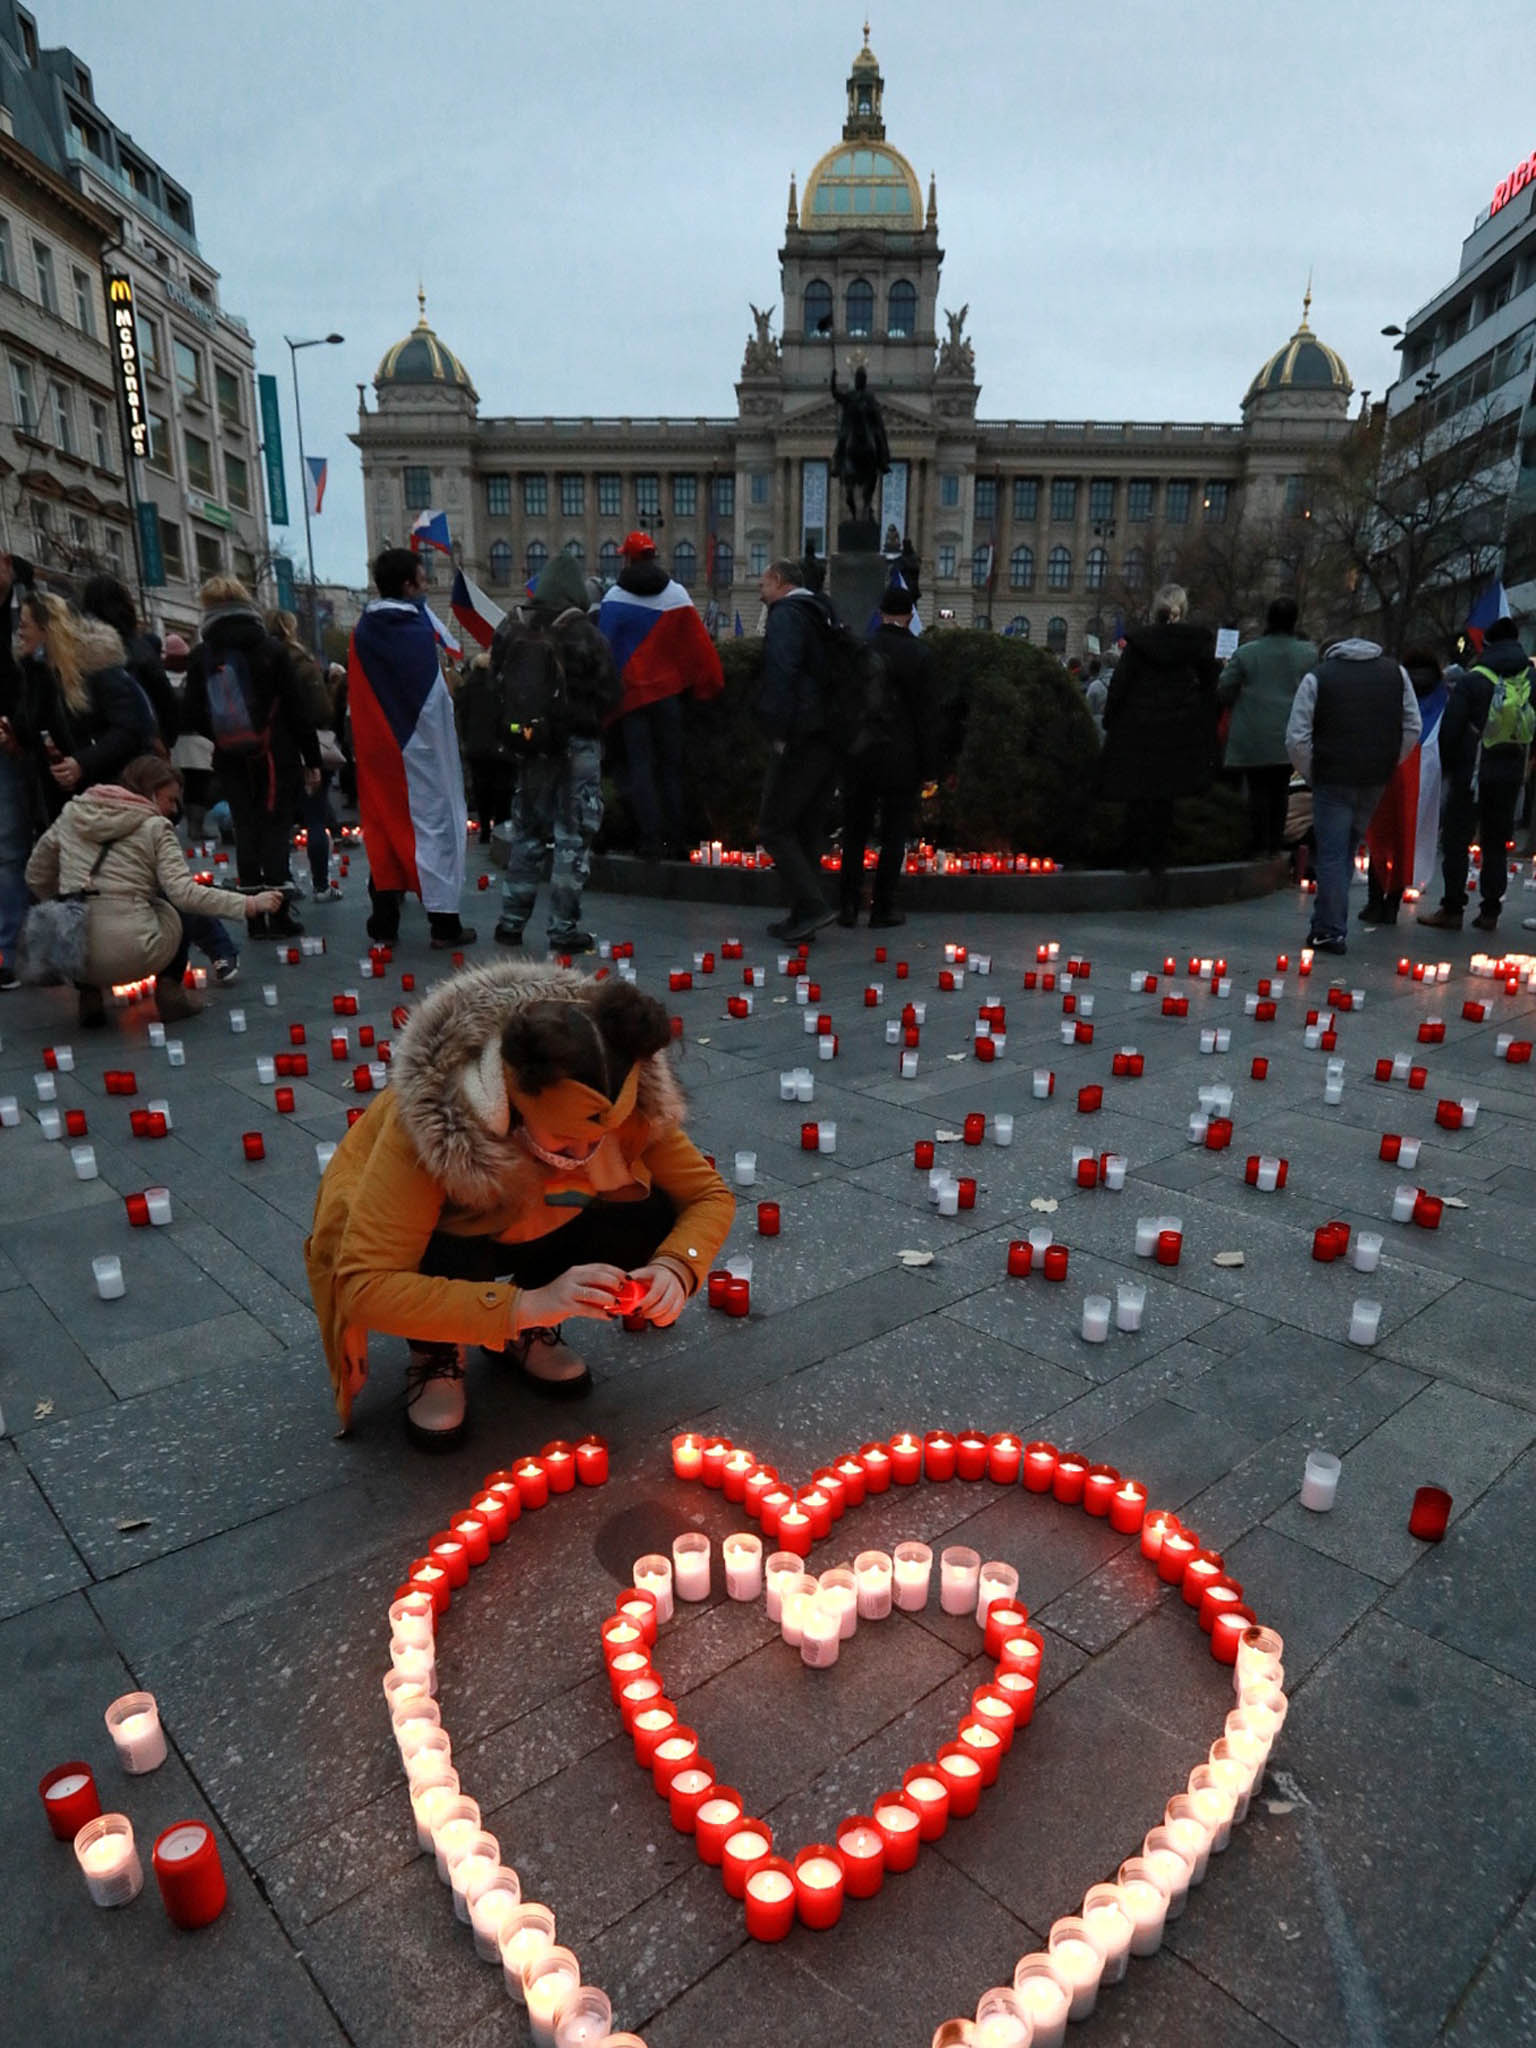 Česko si připomnělo výročí 17. listopadu, také se demonstrovalo proti vládním opatřením.